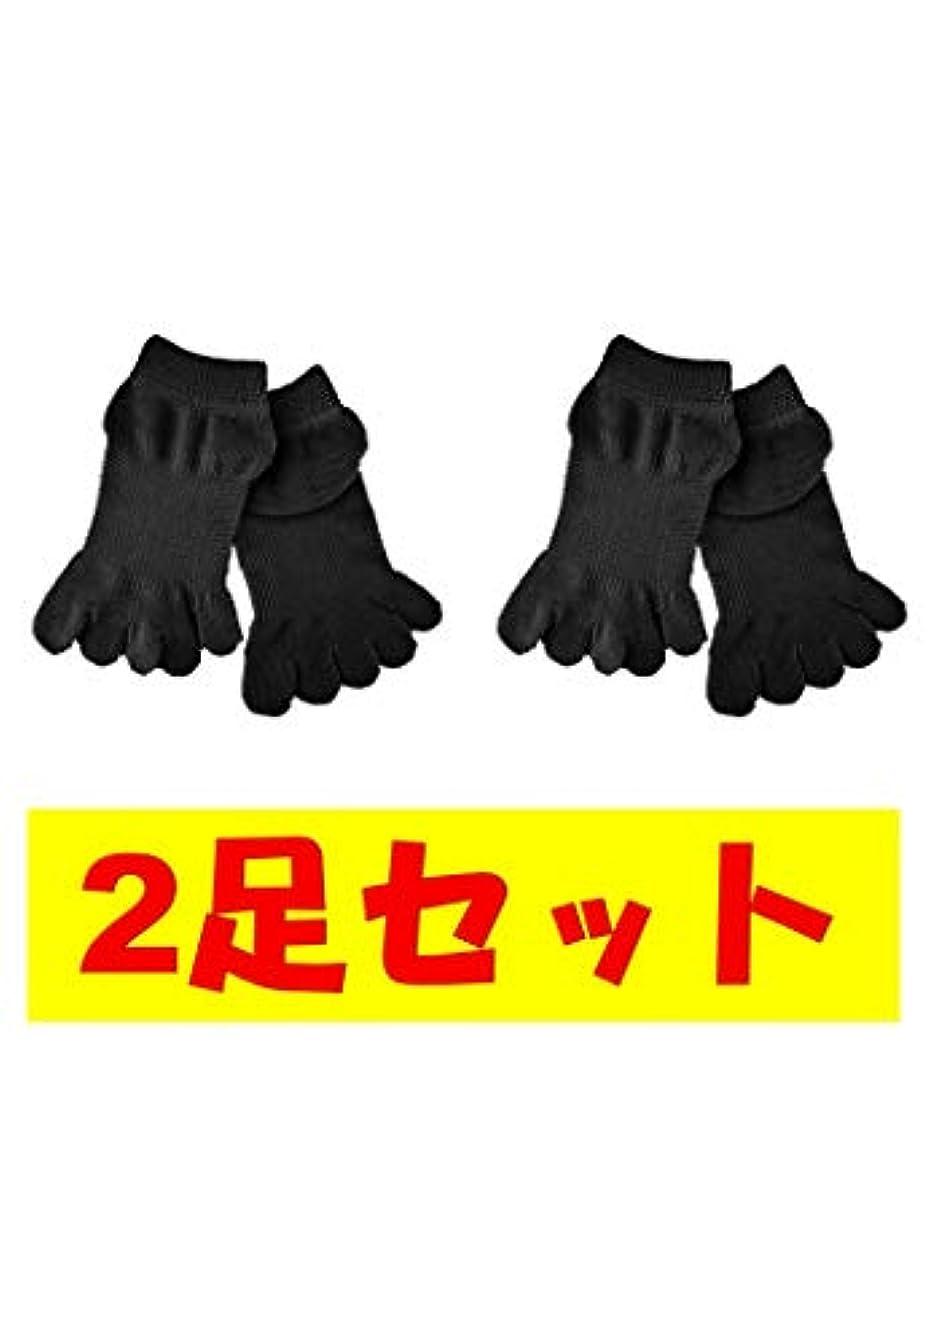 候補者気候の山抗議お買い得2足セット 5本指 ゆびのばソックス ゆびのば アンクル ブラック Mサイズ 25.0cm-27.5cm YSANKL-BLK